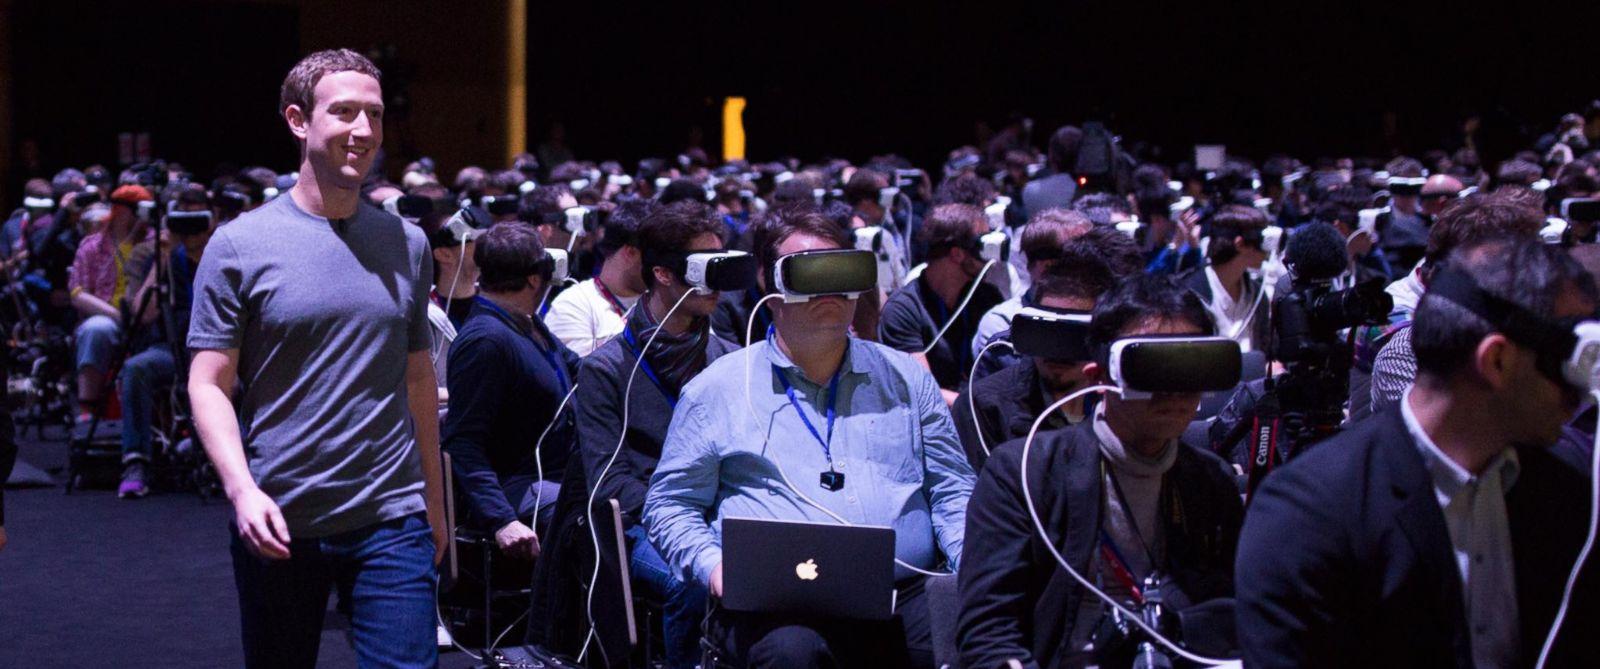 HubSpot - Facebook-Anzeigen in 2017 - Facebook kauft Oculus Rift